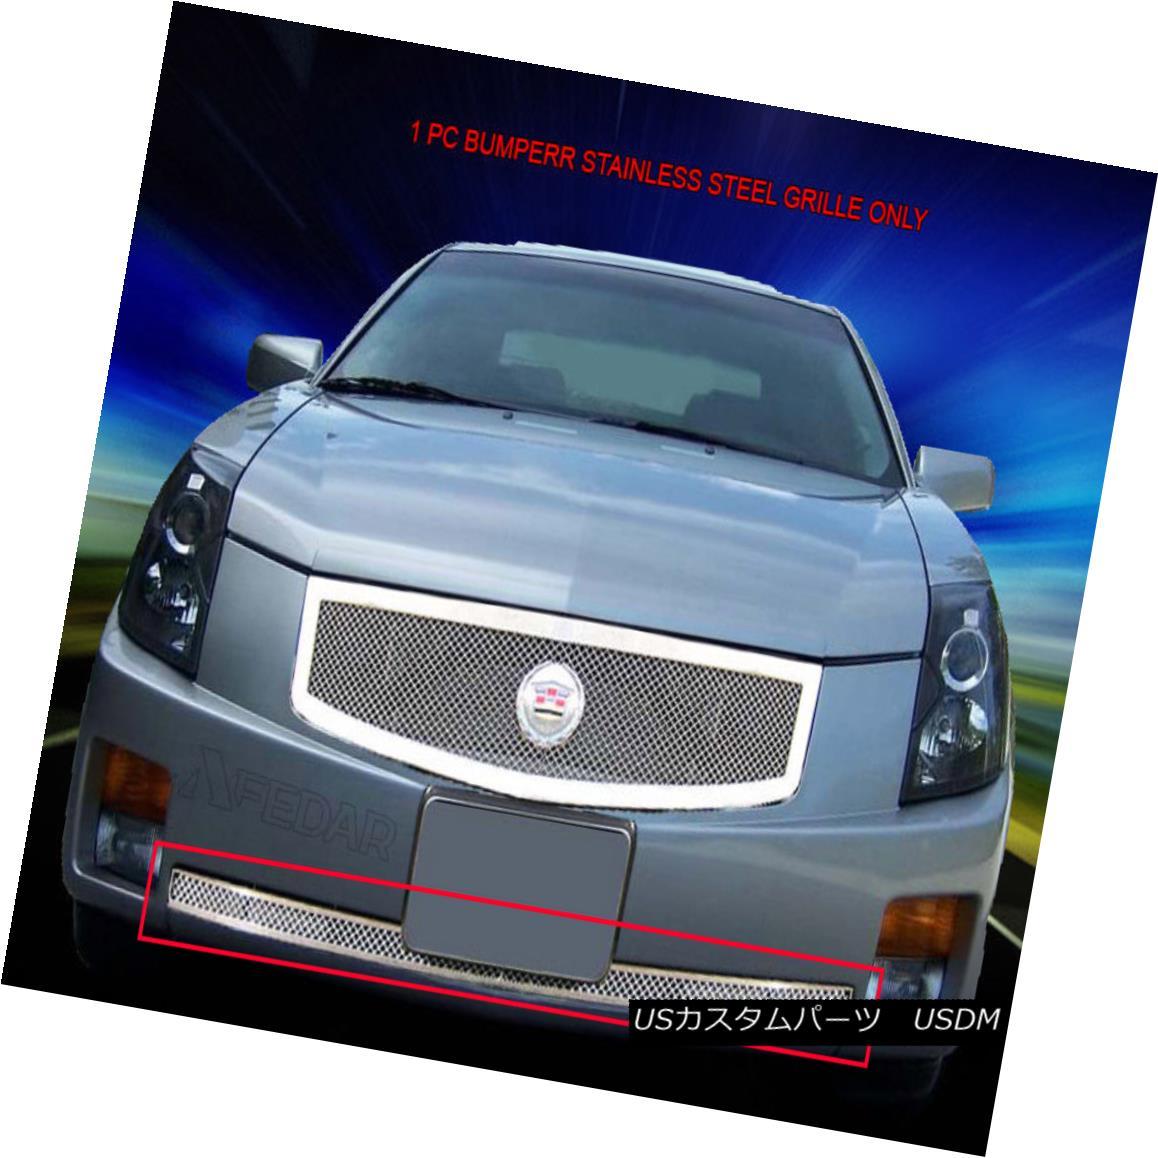 グリル 03-07 Cadillac CTS Stainless Steel Mesh Grille Bumper Grill Insert 077M Fedar 03-07キャデラックCTSステンレスメッシュグリルバンパーグリルインサート077M Fedar